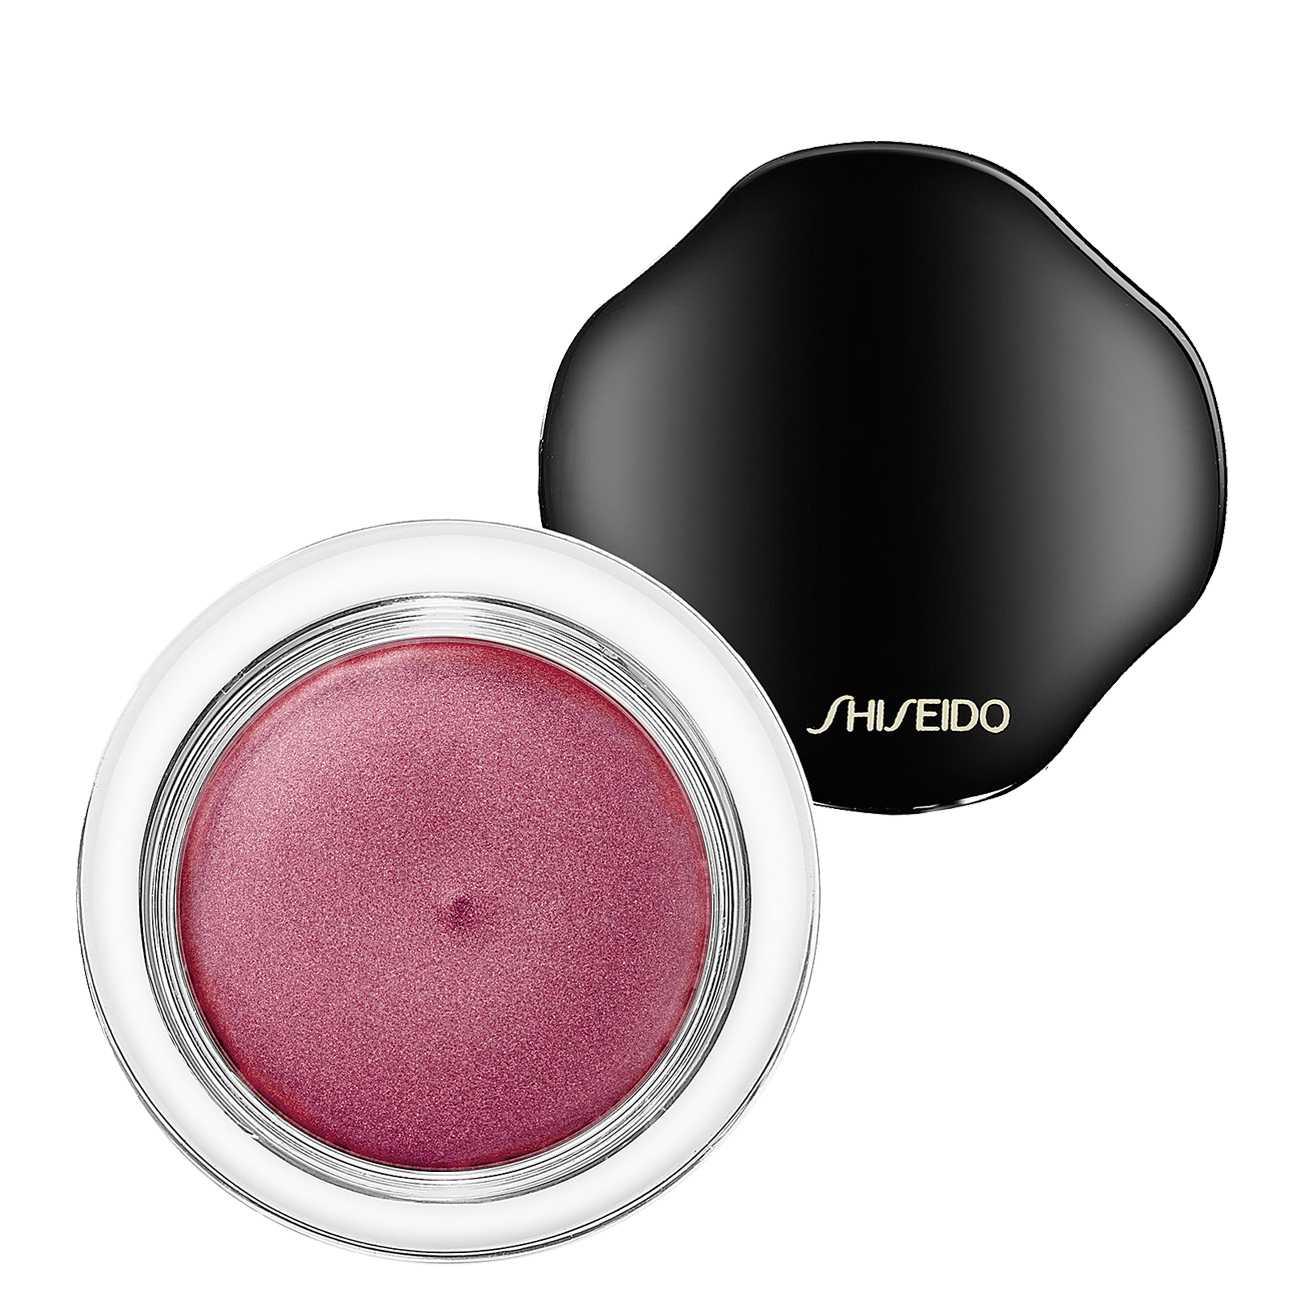 Shimmering Cream Eye Color 6 G Shiseido imagine 2021 bestvalue.eu